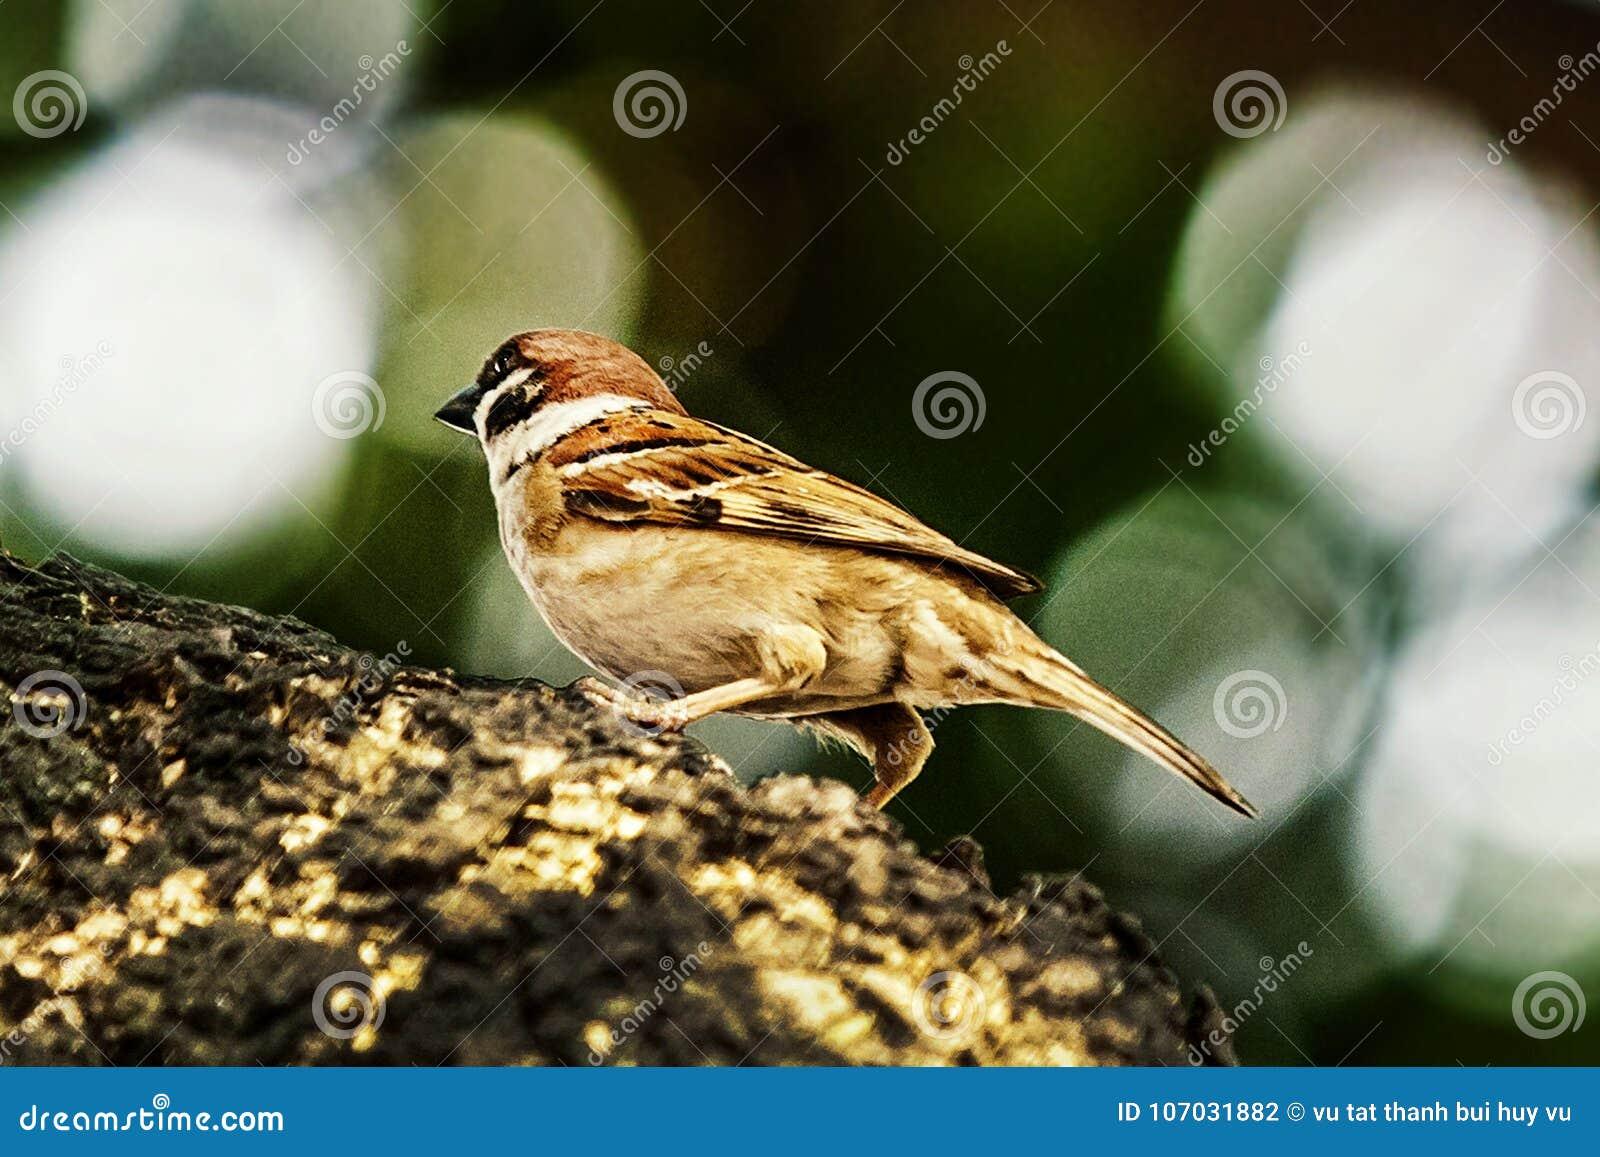 Wróbel gdy ptaki wracają Przechodnia domesticus set uwalnia